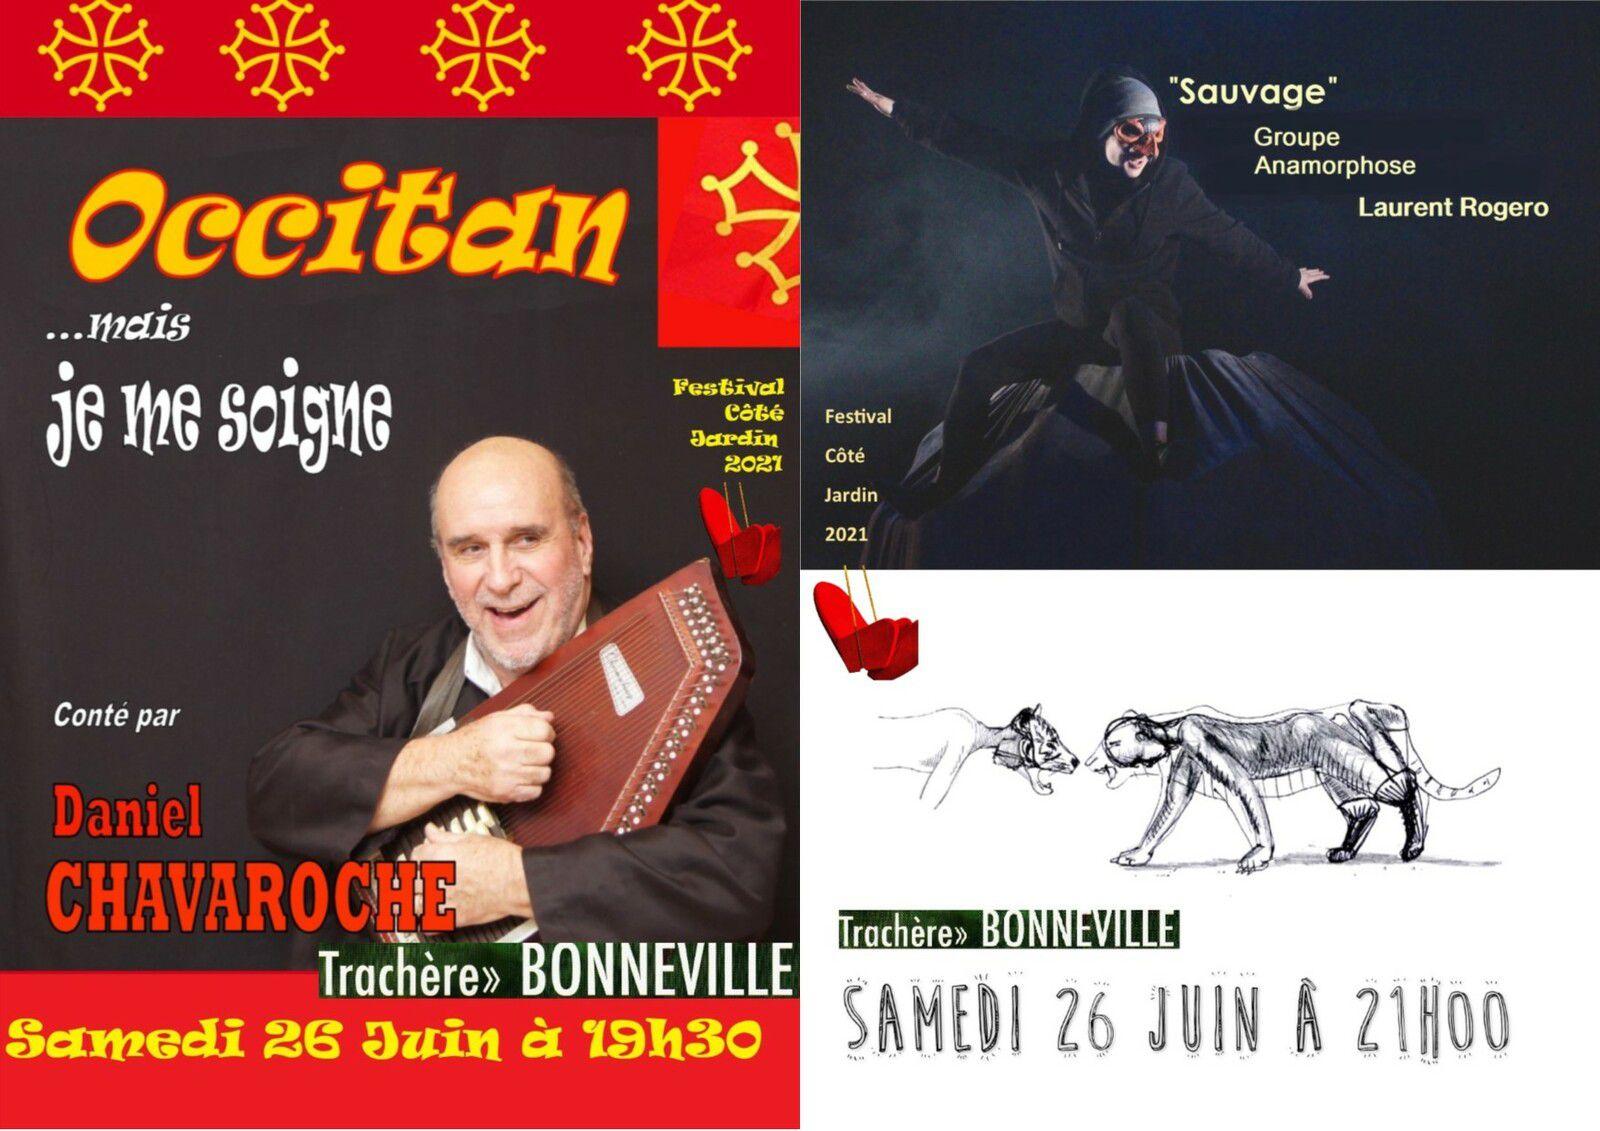 Suite et fin des Spectacles du Samedi 26 Juin : Daniel Chavaroche et Le Groupe Anamorphose